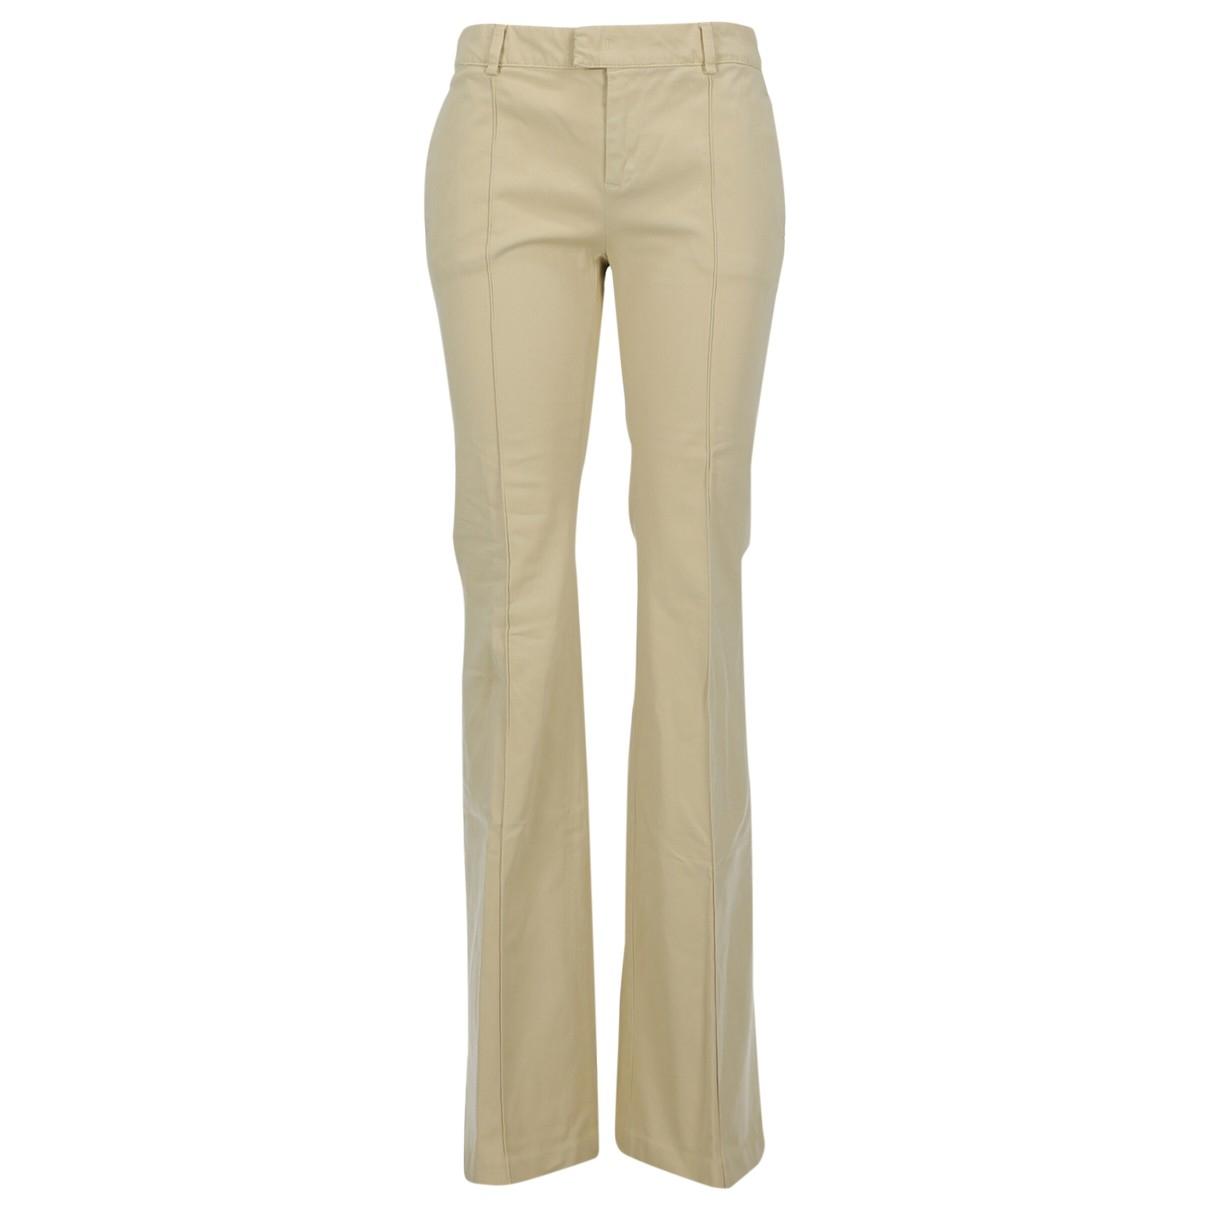 Pantalon en Algodon Beige See By Chloe